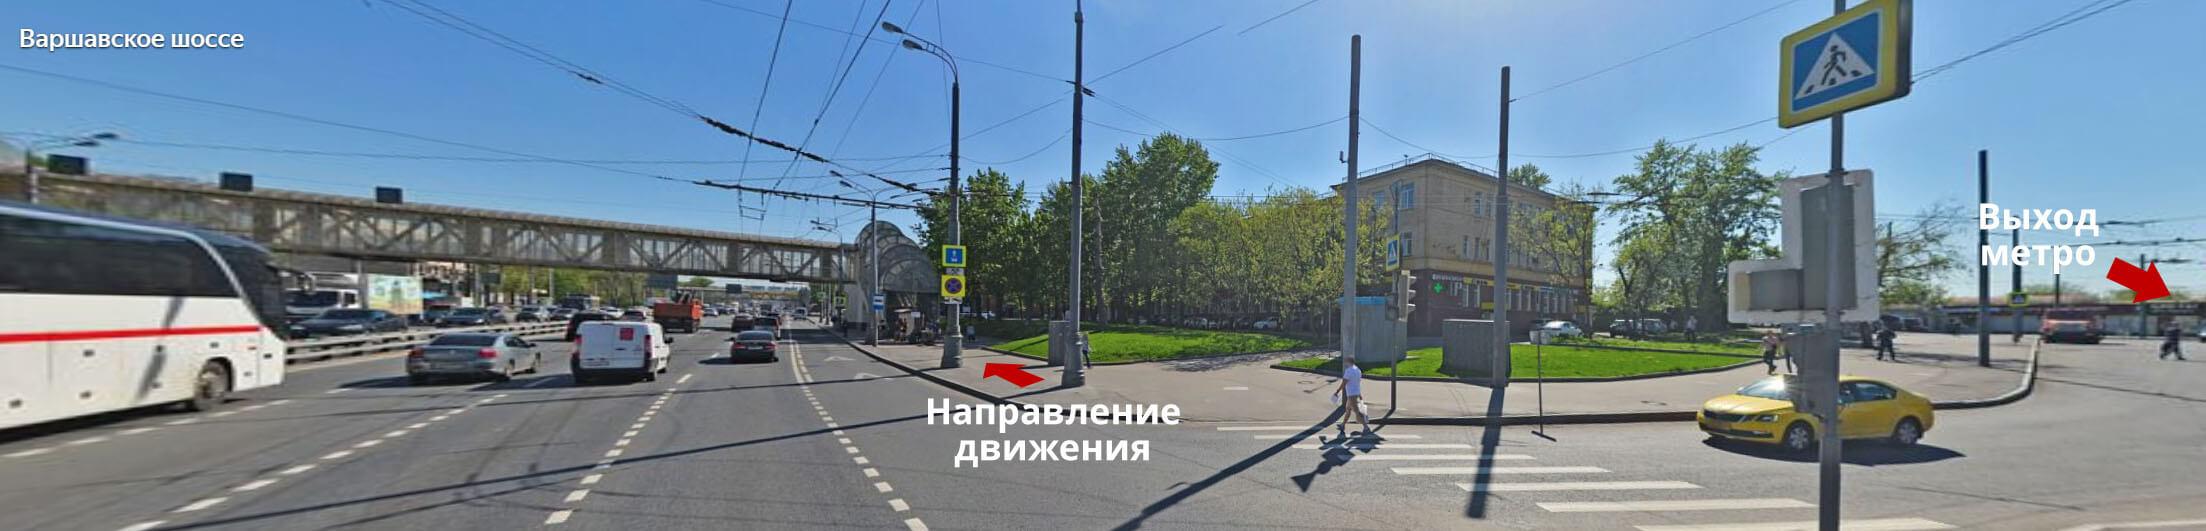 В офис RIWA от метро Натагинская пешком вдоль Варшавского шоссе